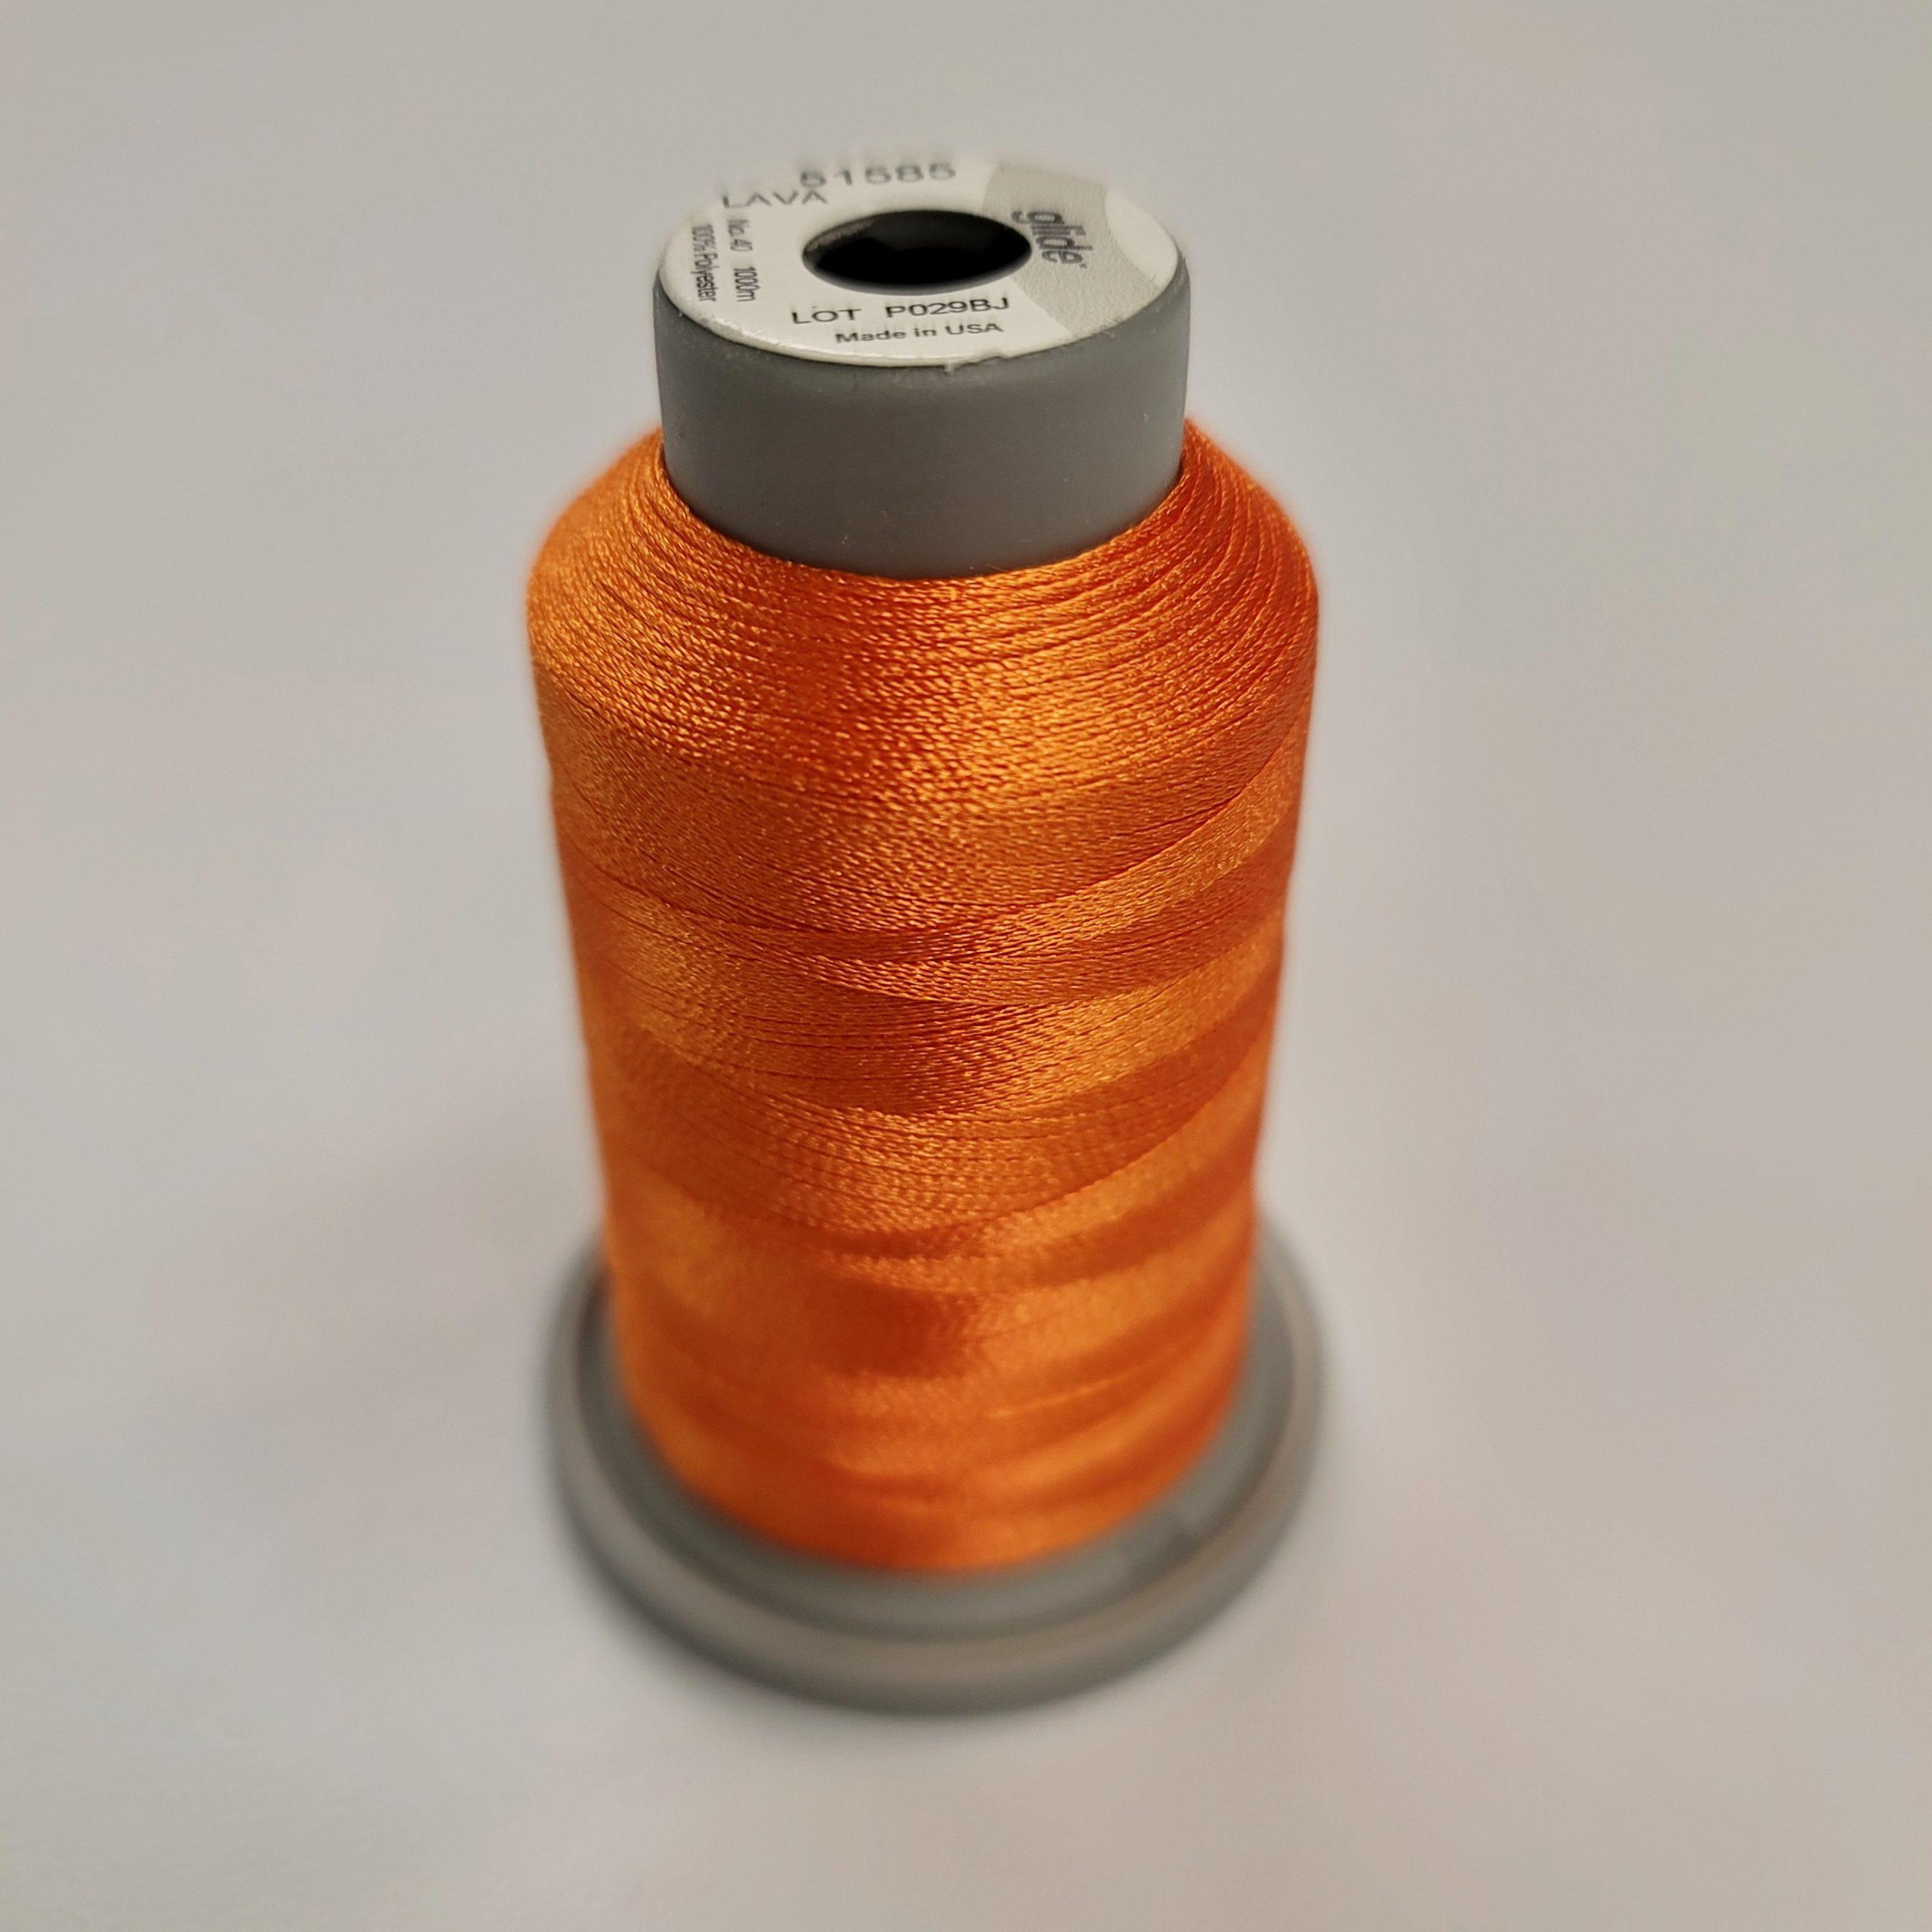 lava orange glide machine quilting thread